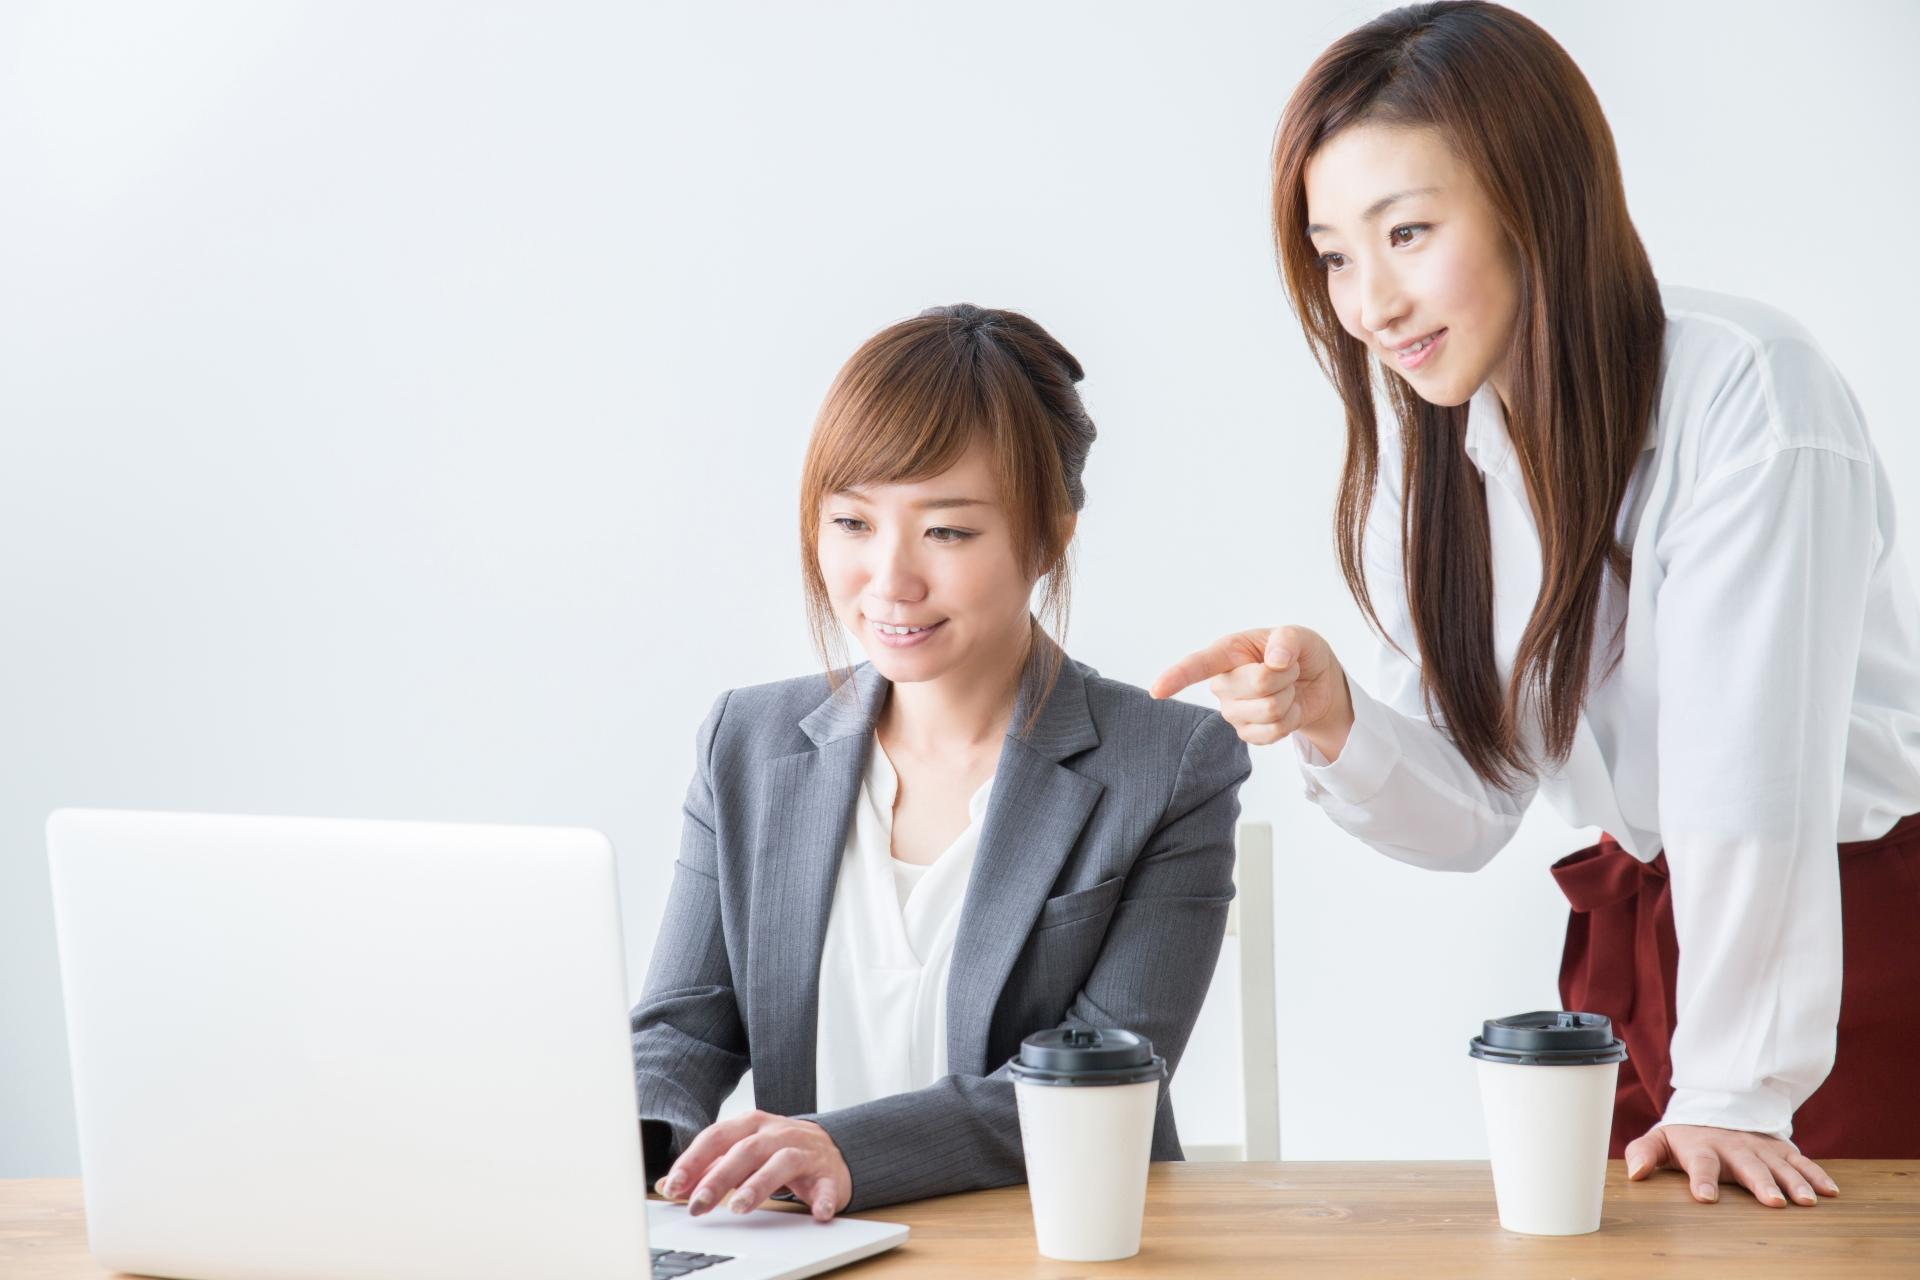 女性向けに特化した求人サイトを紹介